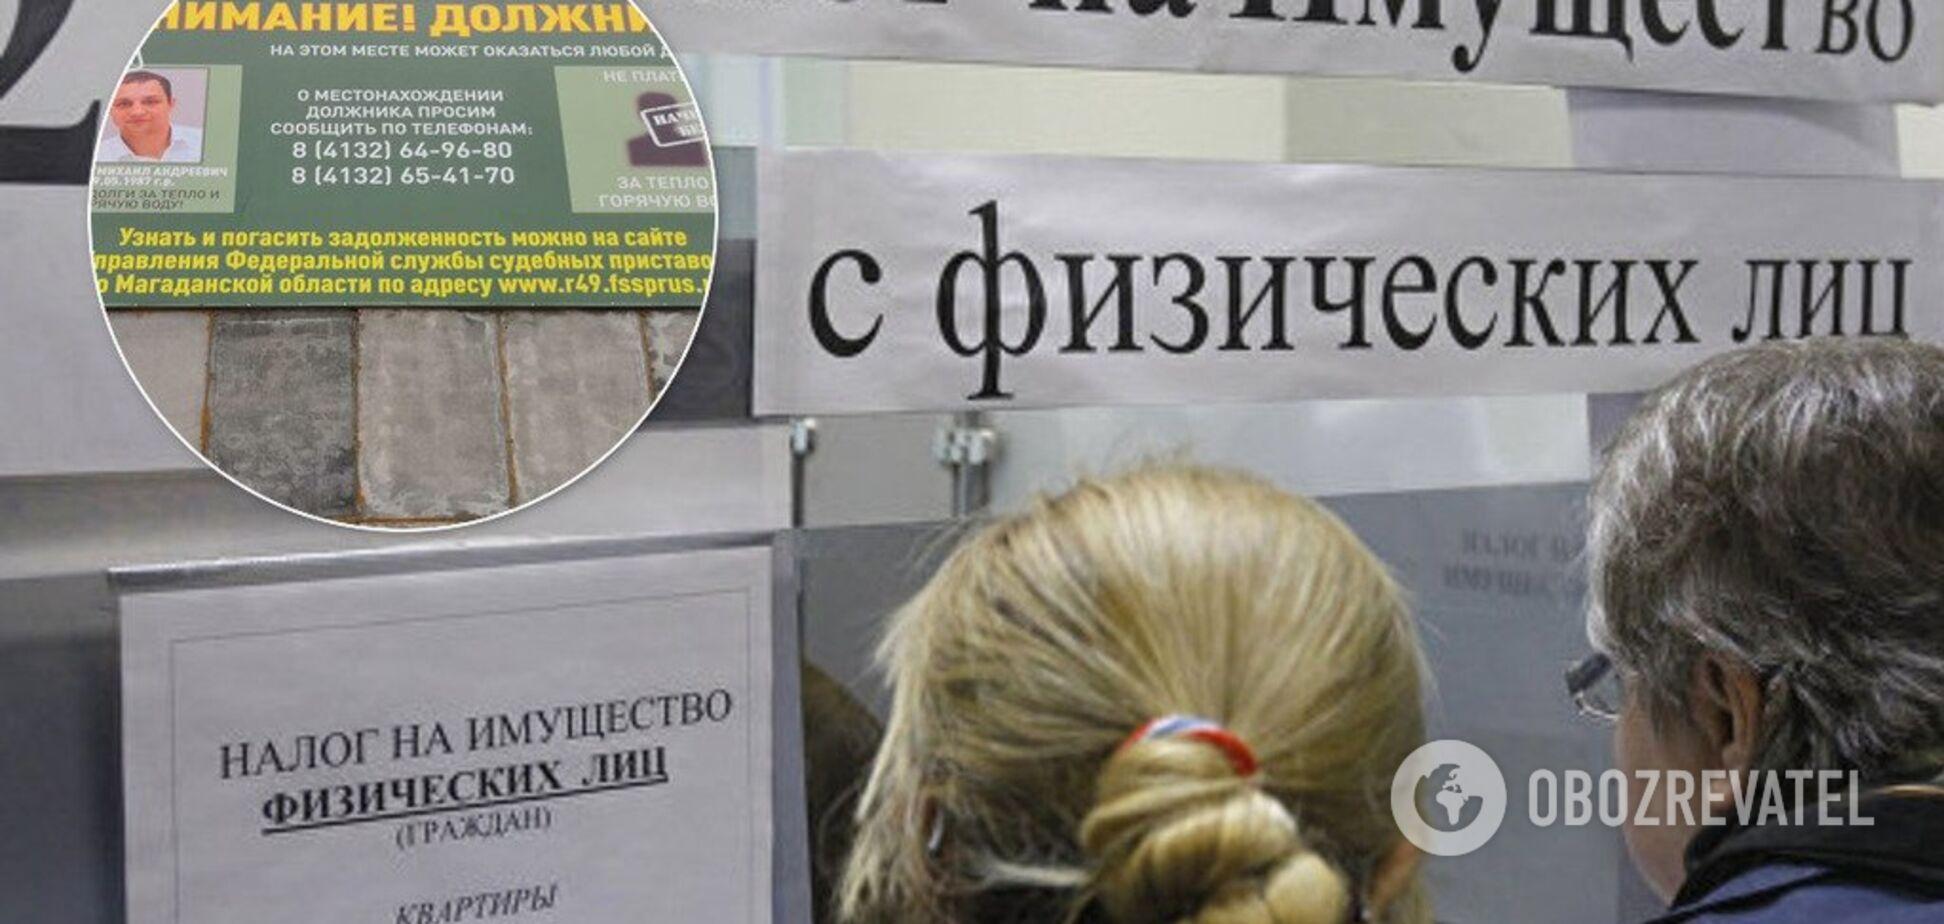 'Передамо прізвища у ЗМІ': Росія влаштувала чергову підлість кримчанам